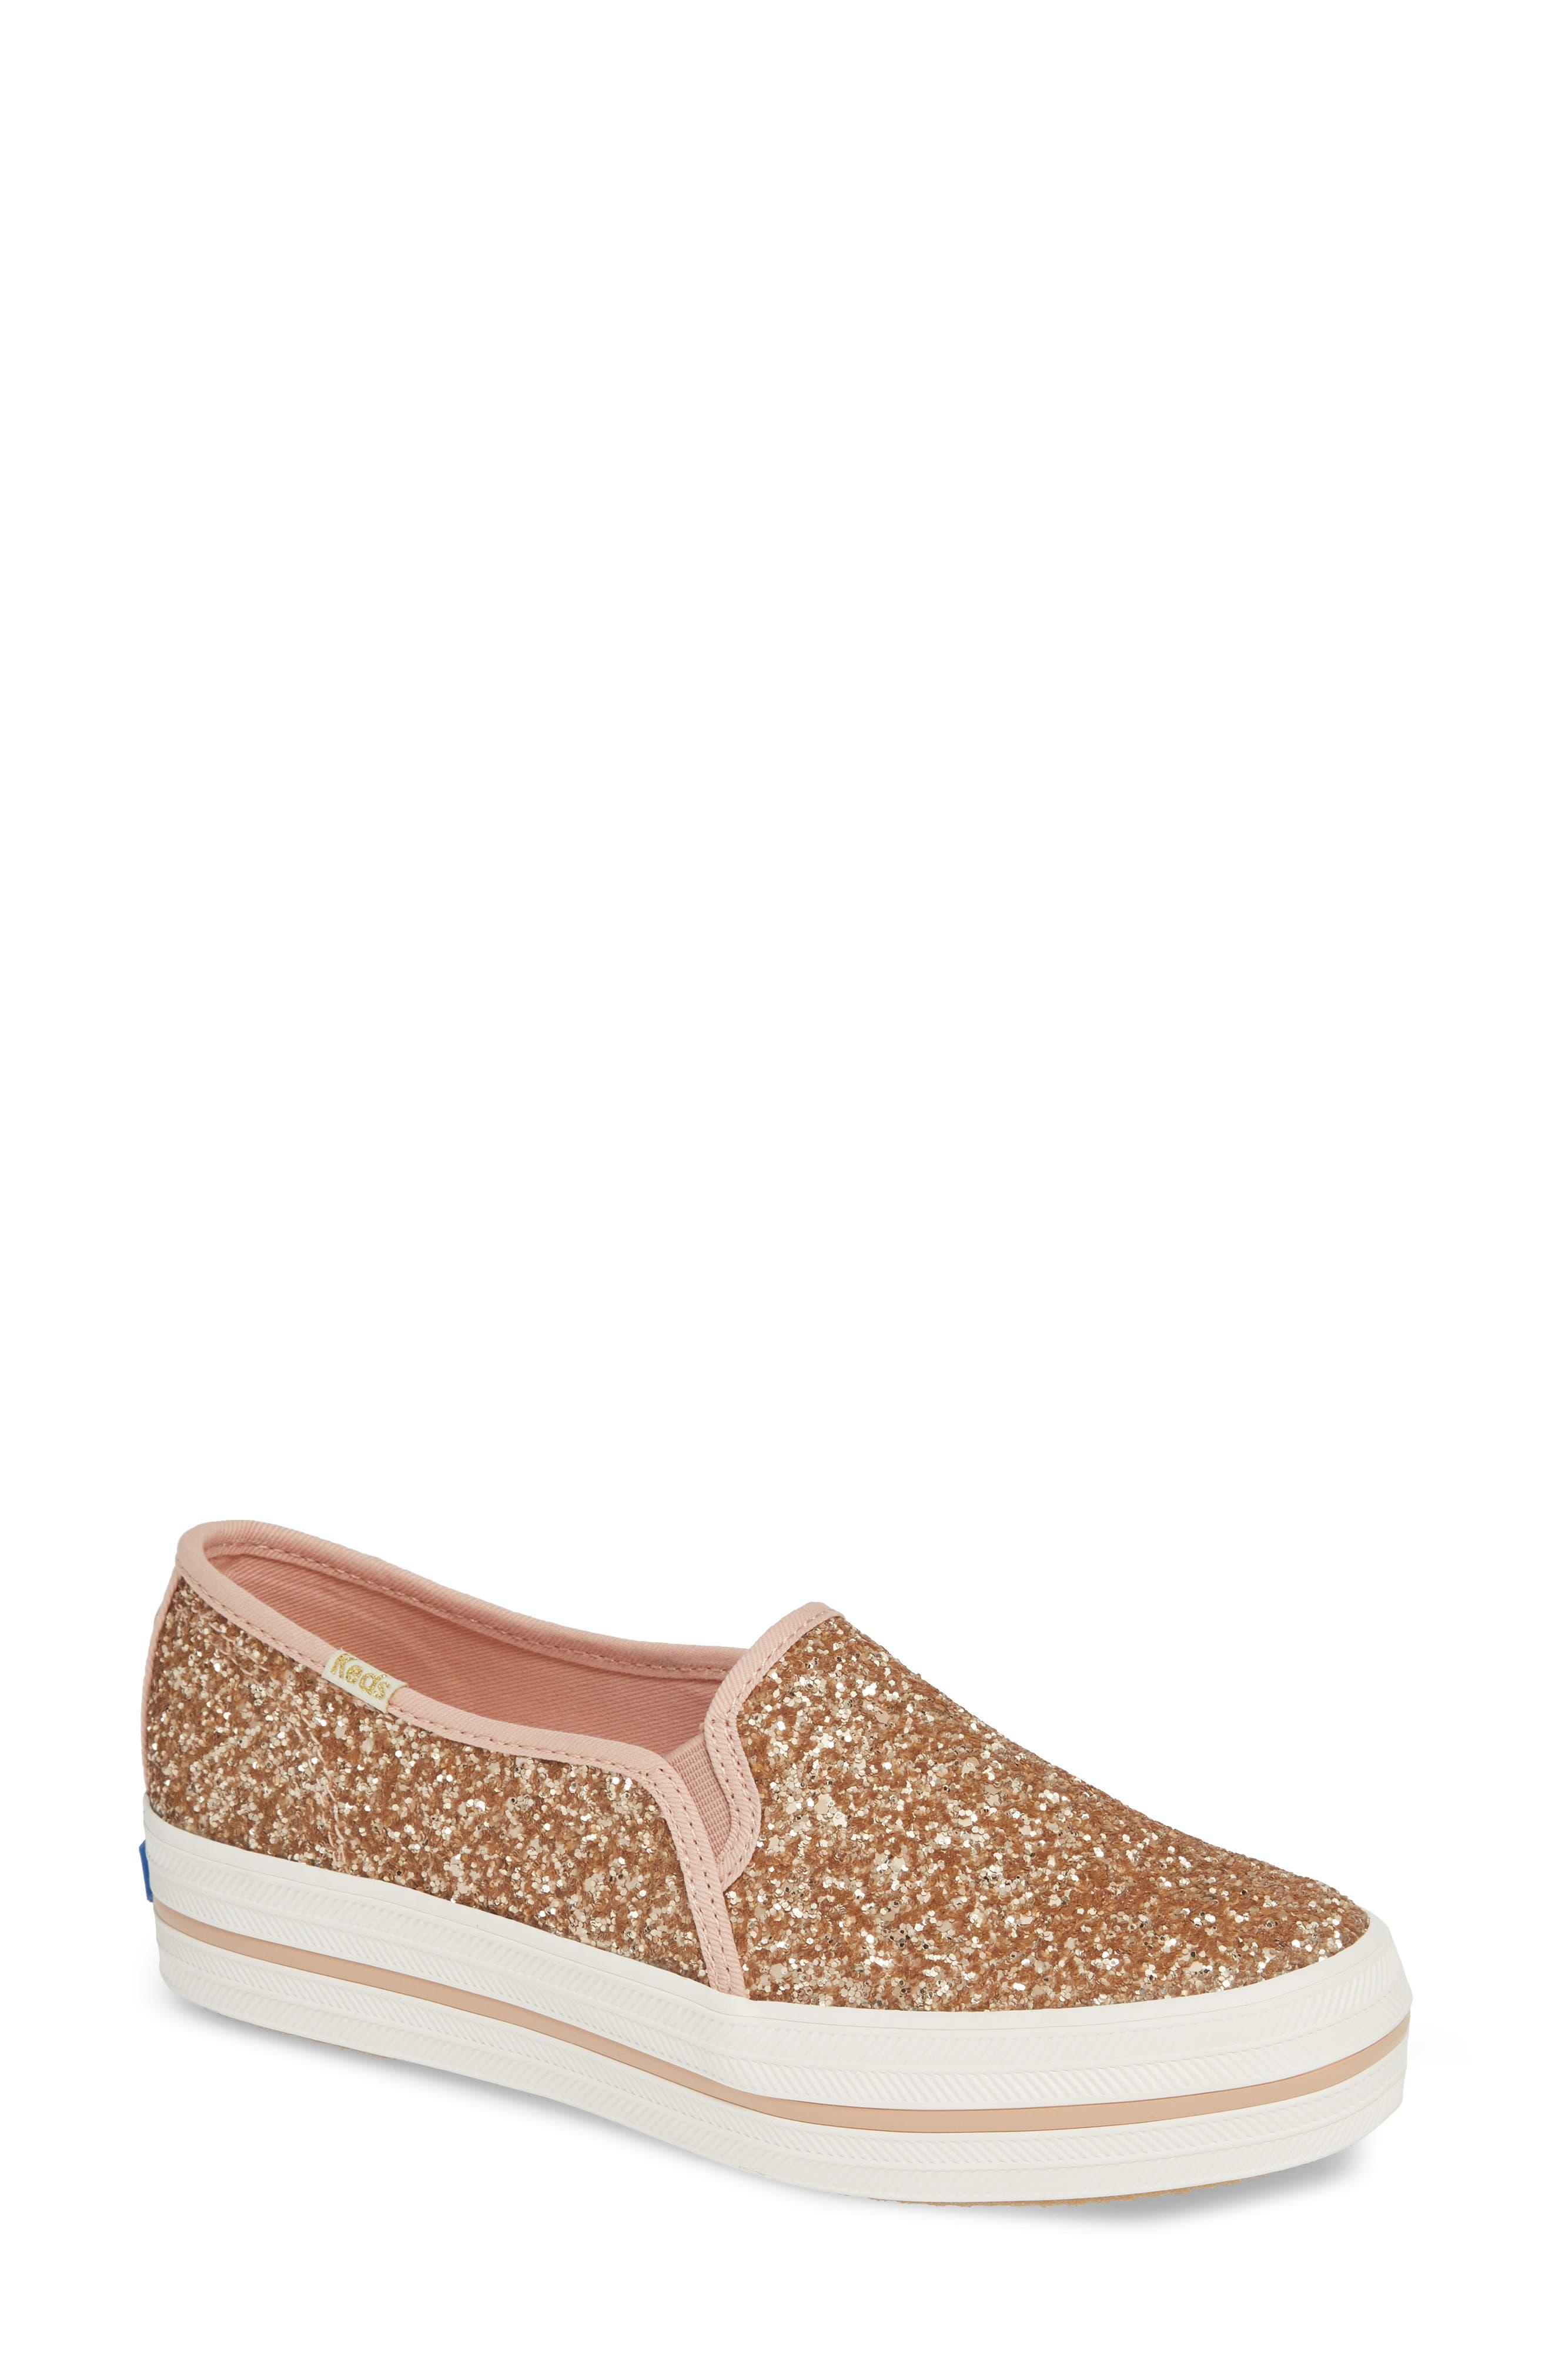 triple decker glitter slip-on sneaker,                         Main,                         color, ROSE GOLD